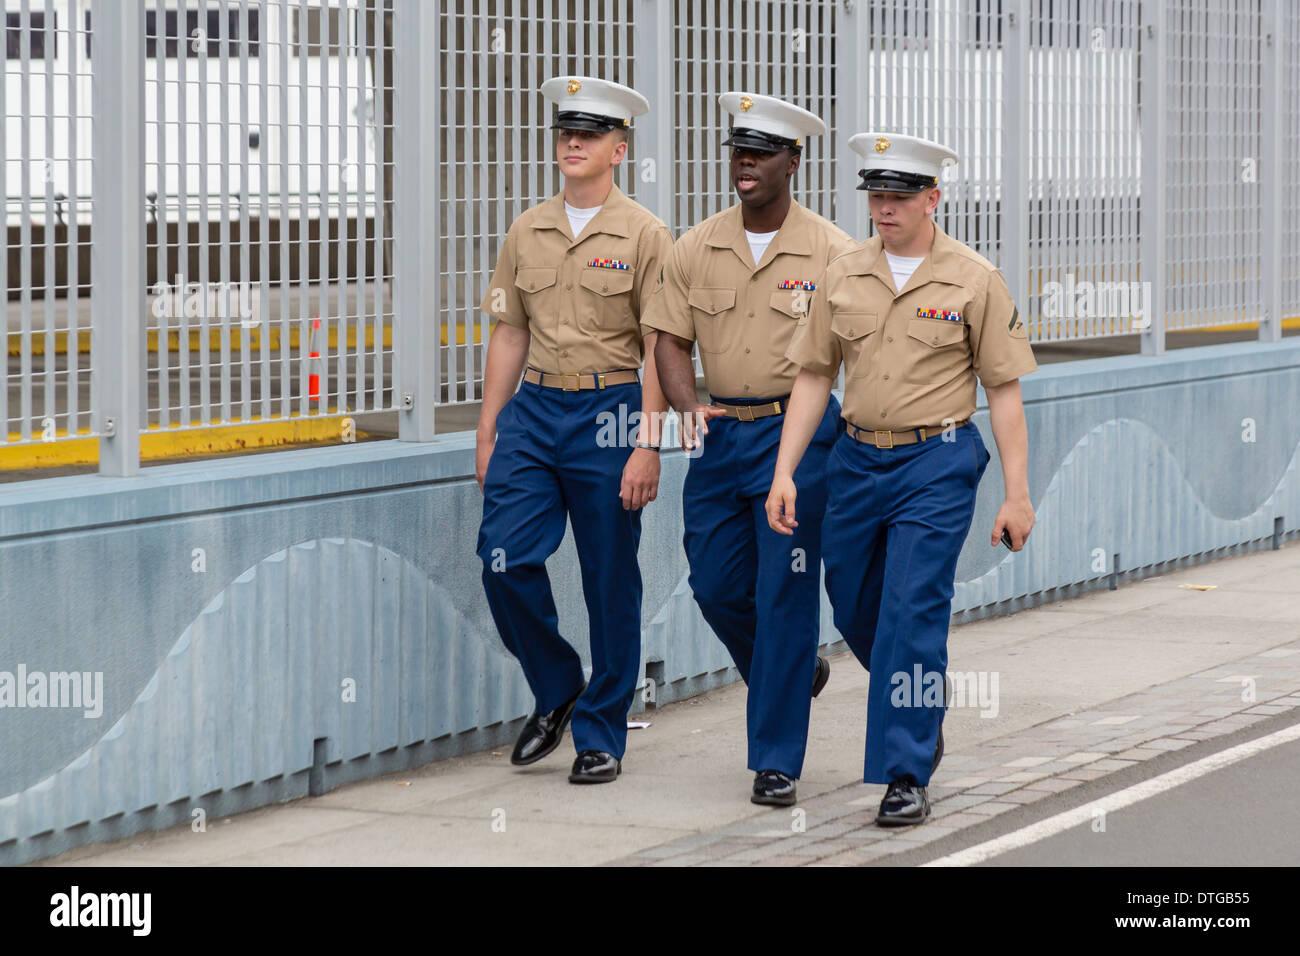 US-Marines zu Fuß auf der Straße von New York City während der Flotte Woche feiern. Stockfoto